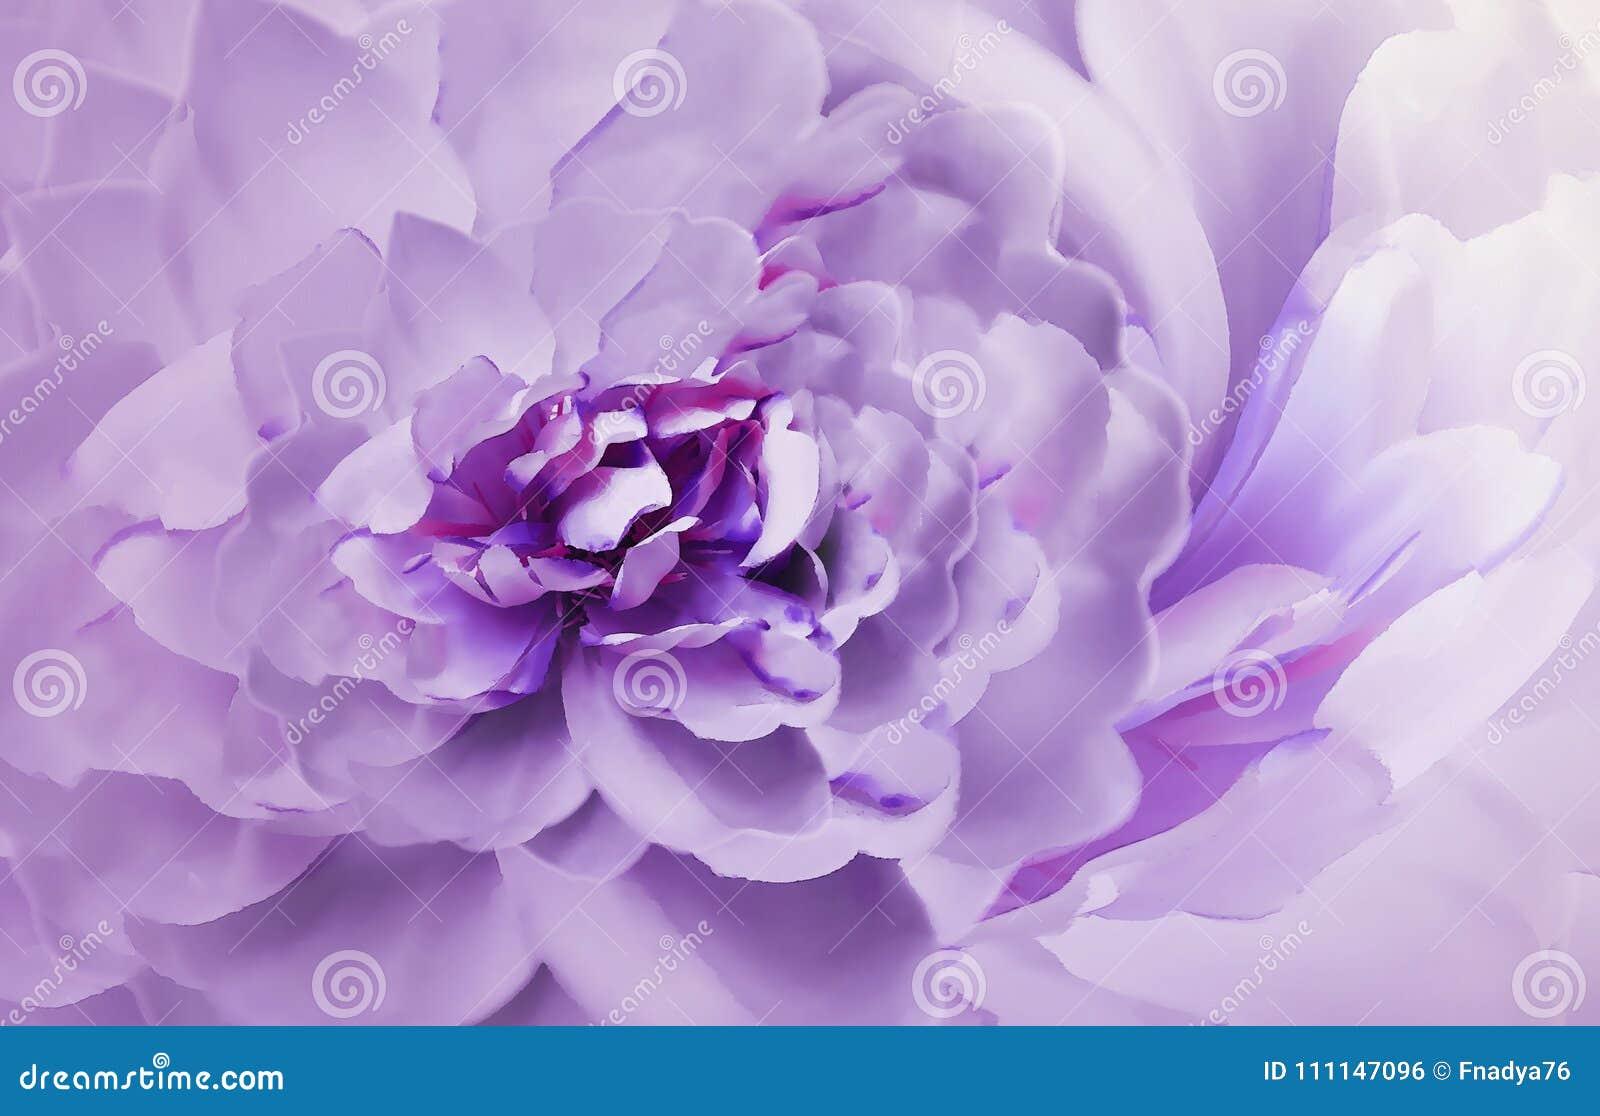 Carta Da Parati Pelosa Rosa : Fiore sul bokeh porpora rosa confuso del fondo crisantemo bianco